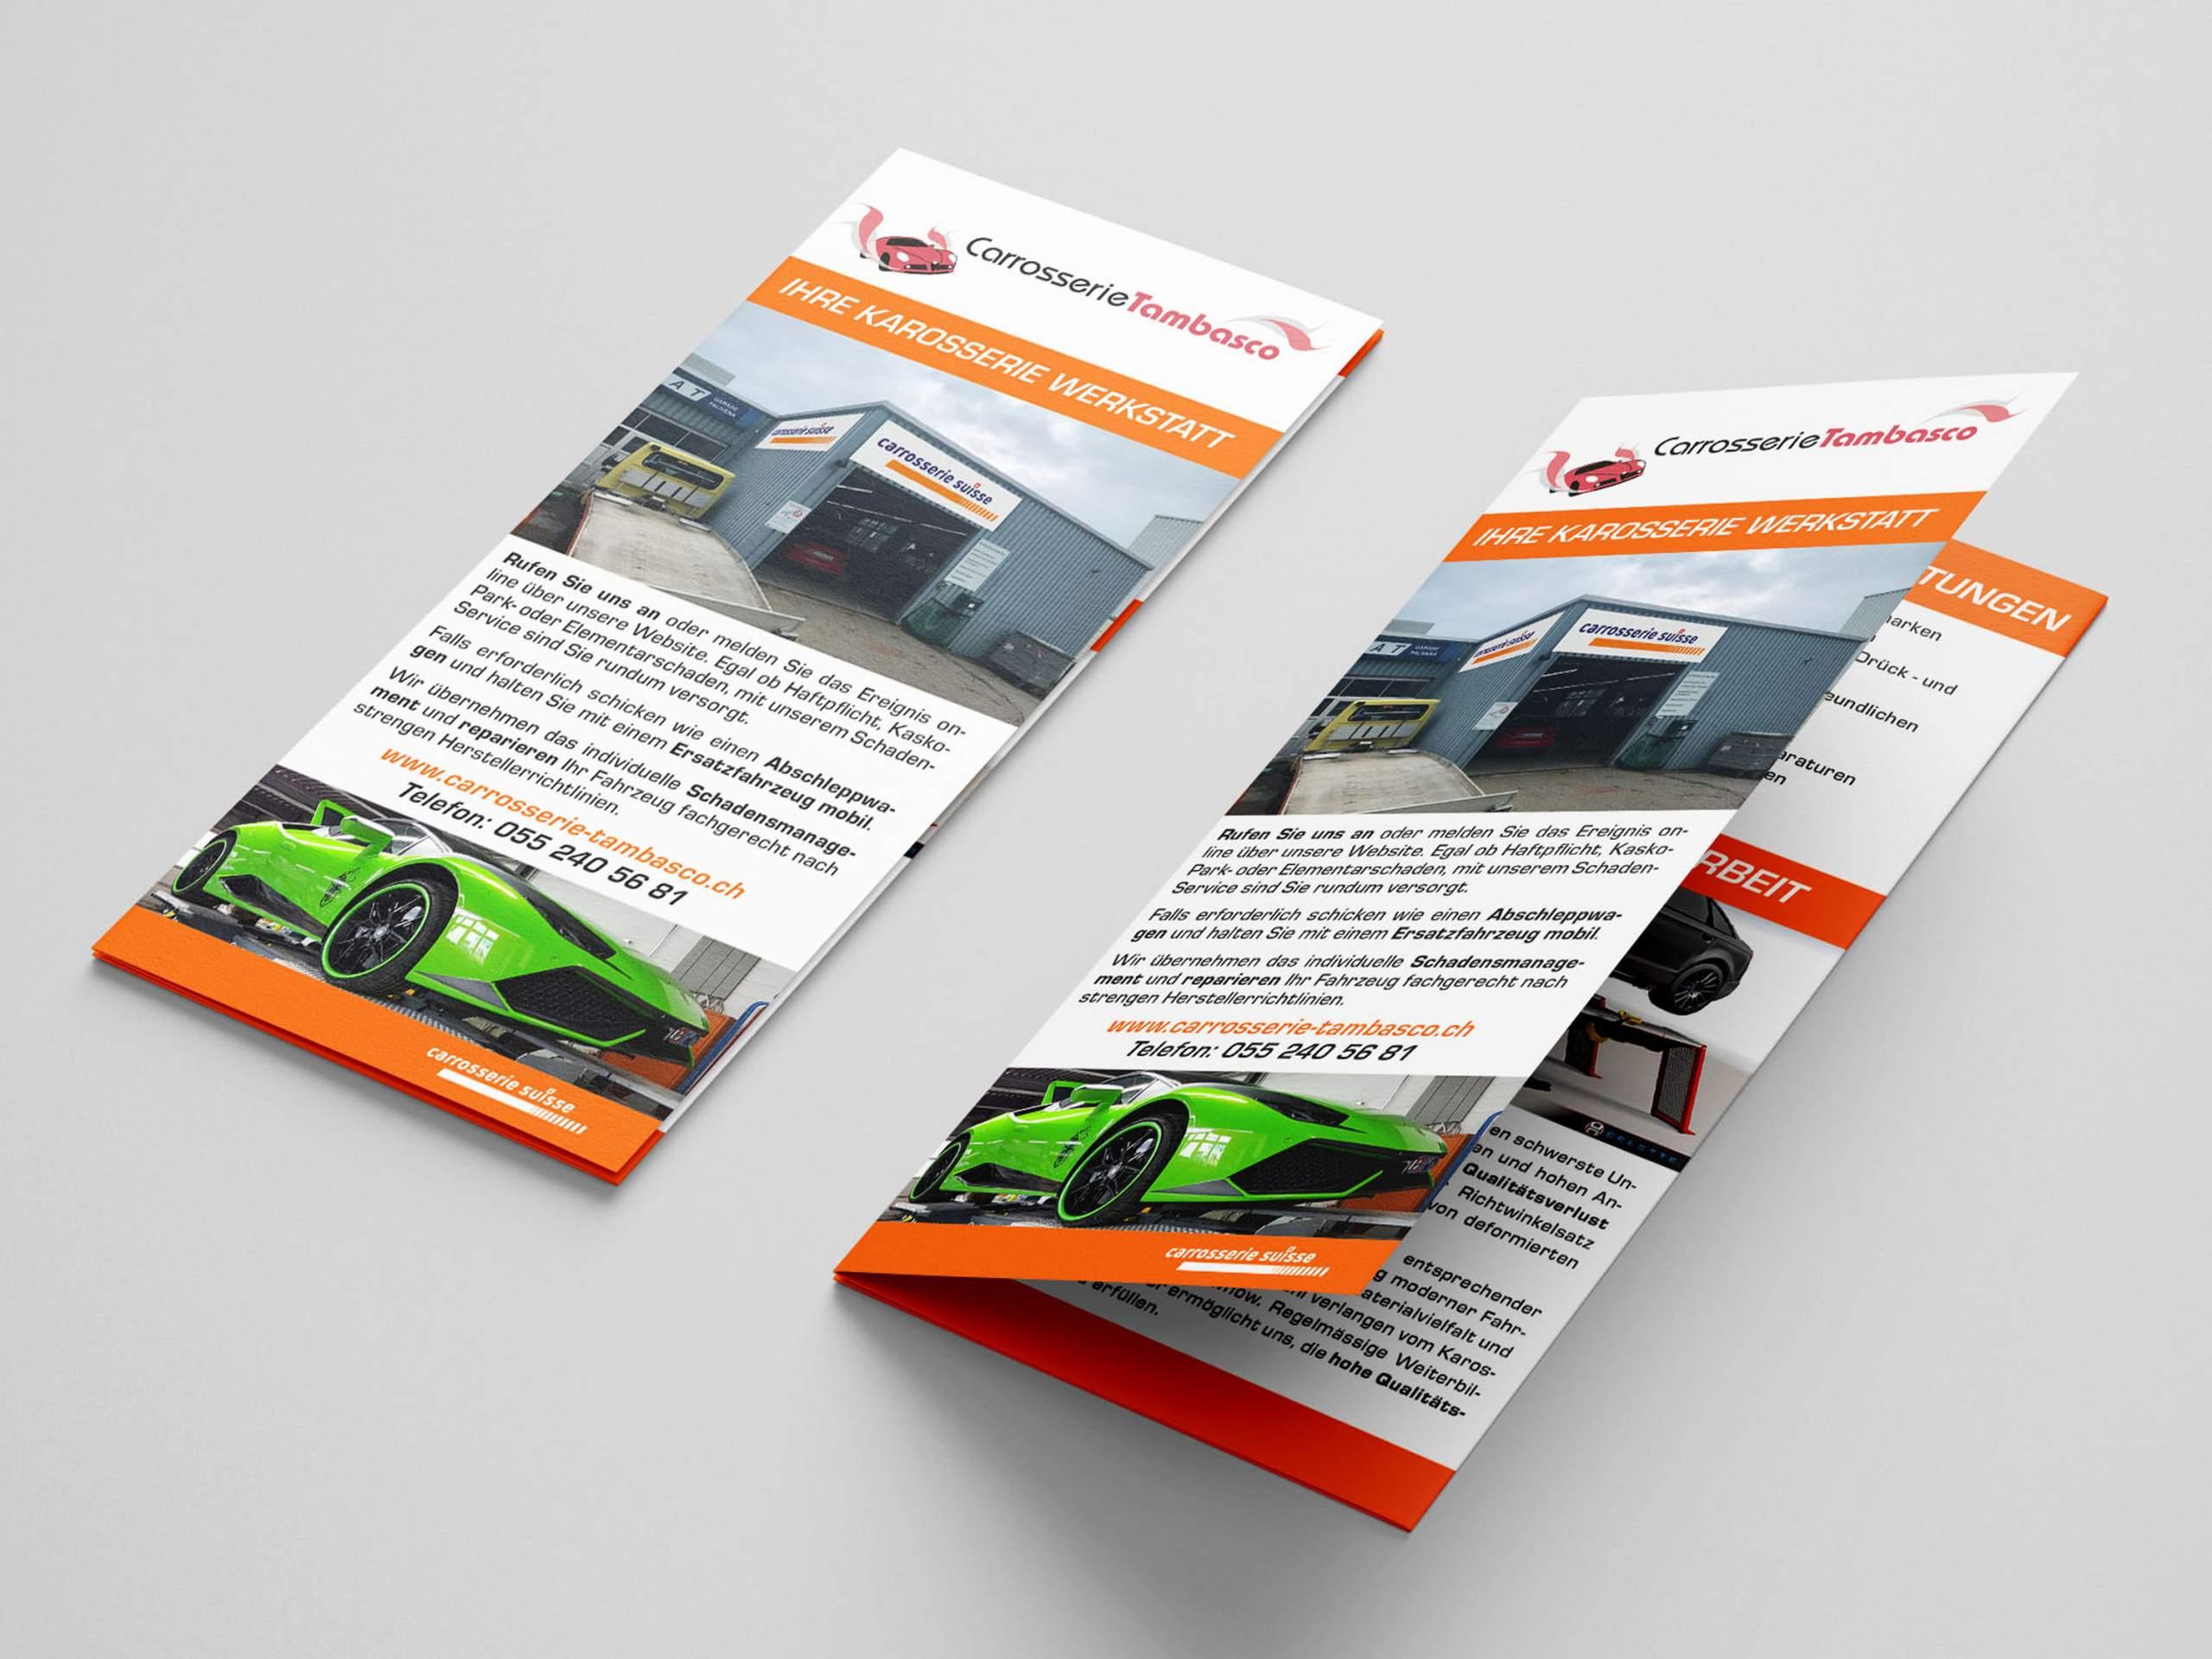 New Media & Design Carosserie Tambasco Flyer